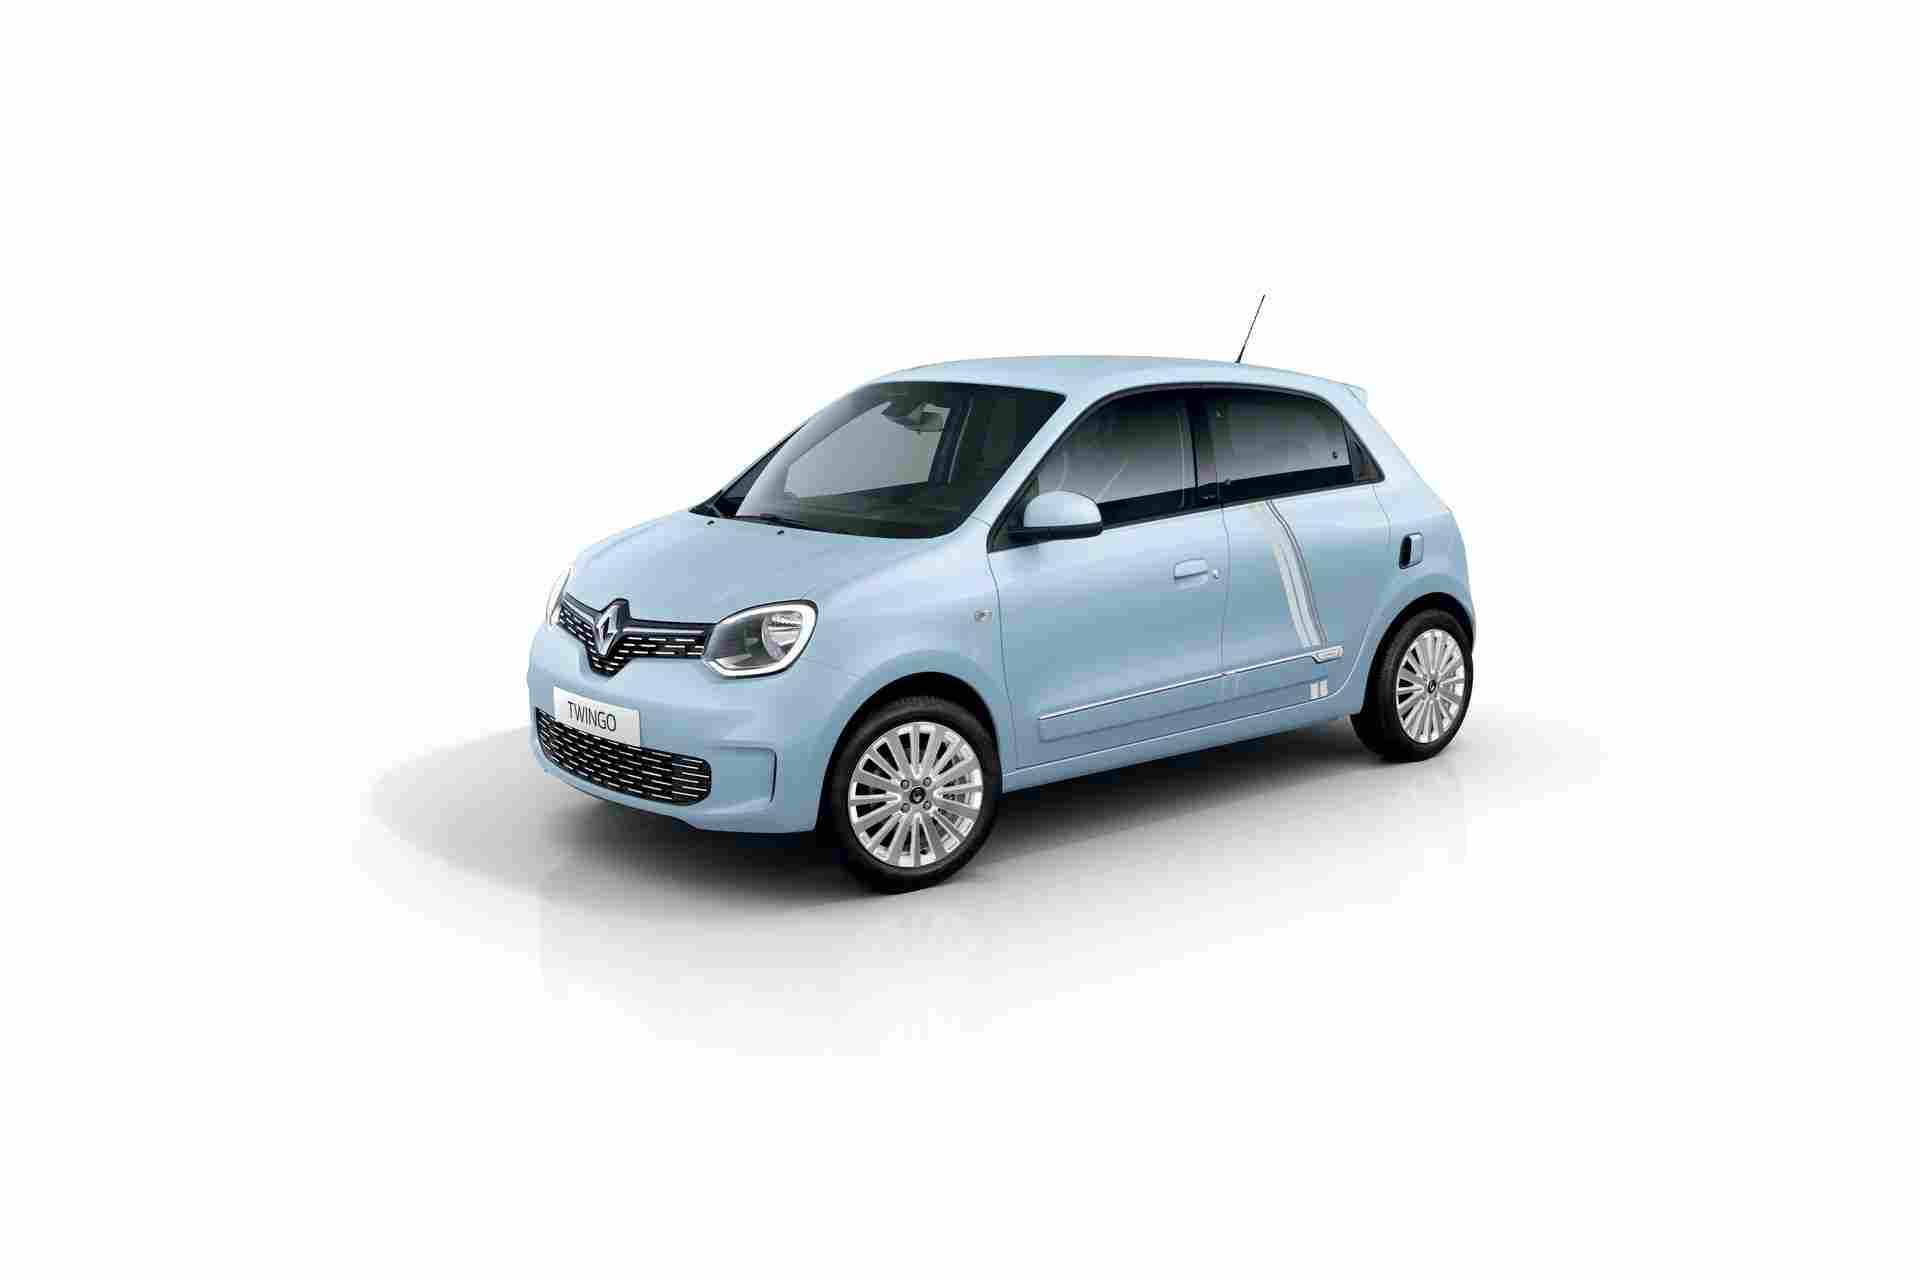 Renault_Twingo_ZE_Vibes_0014